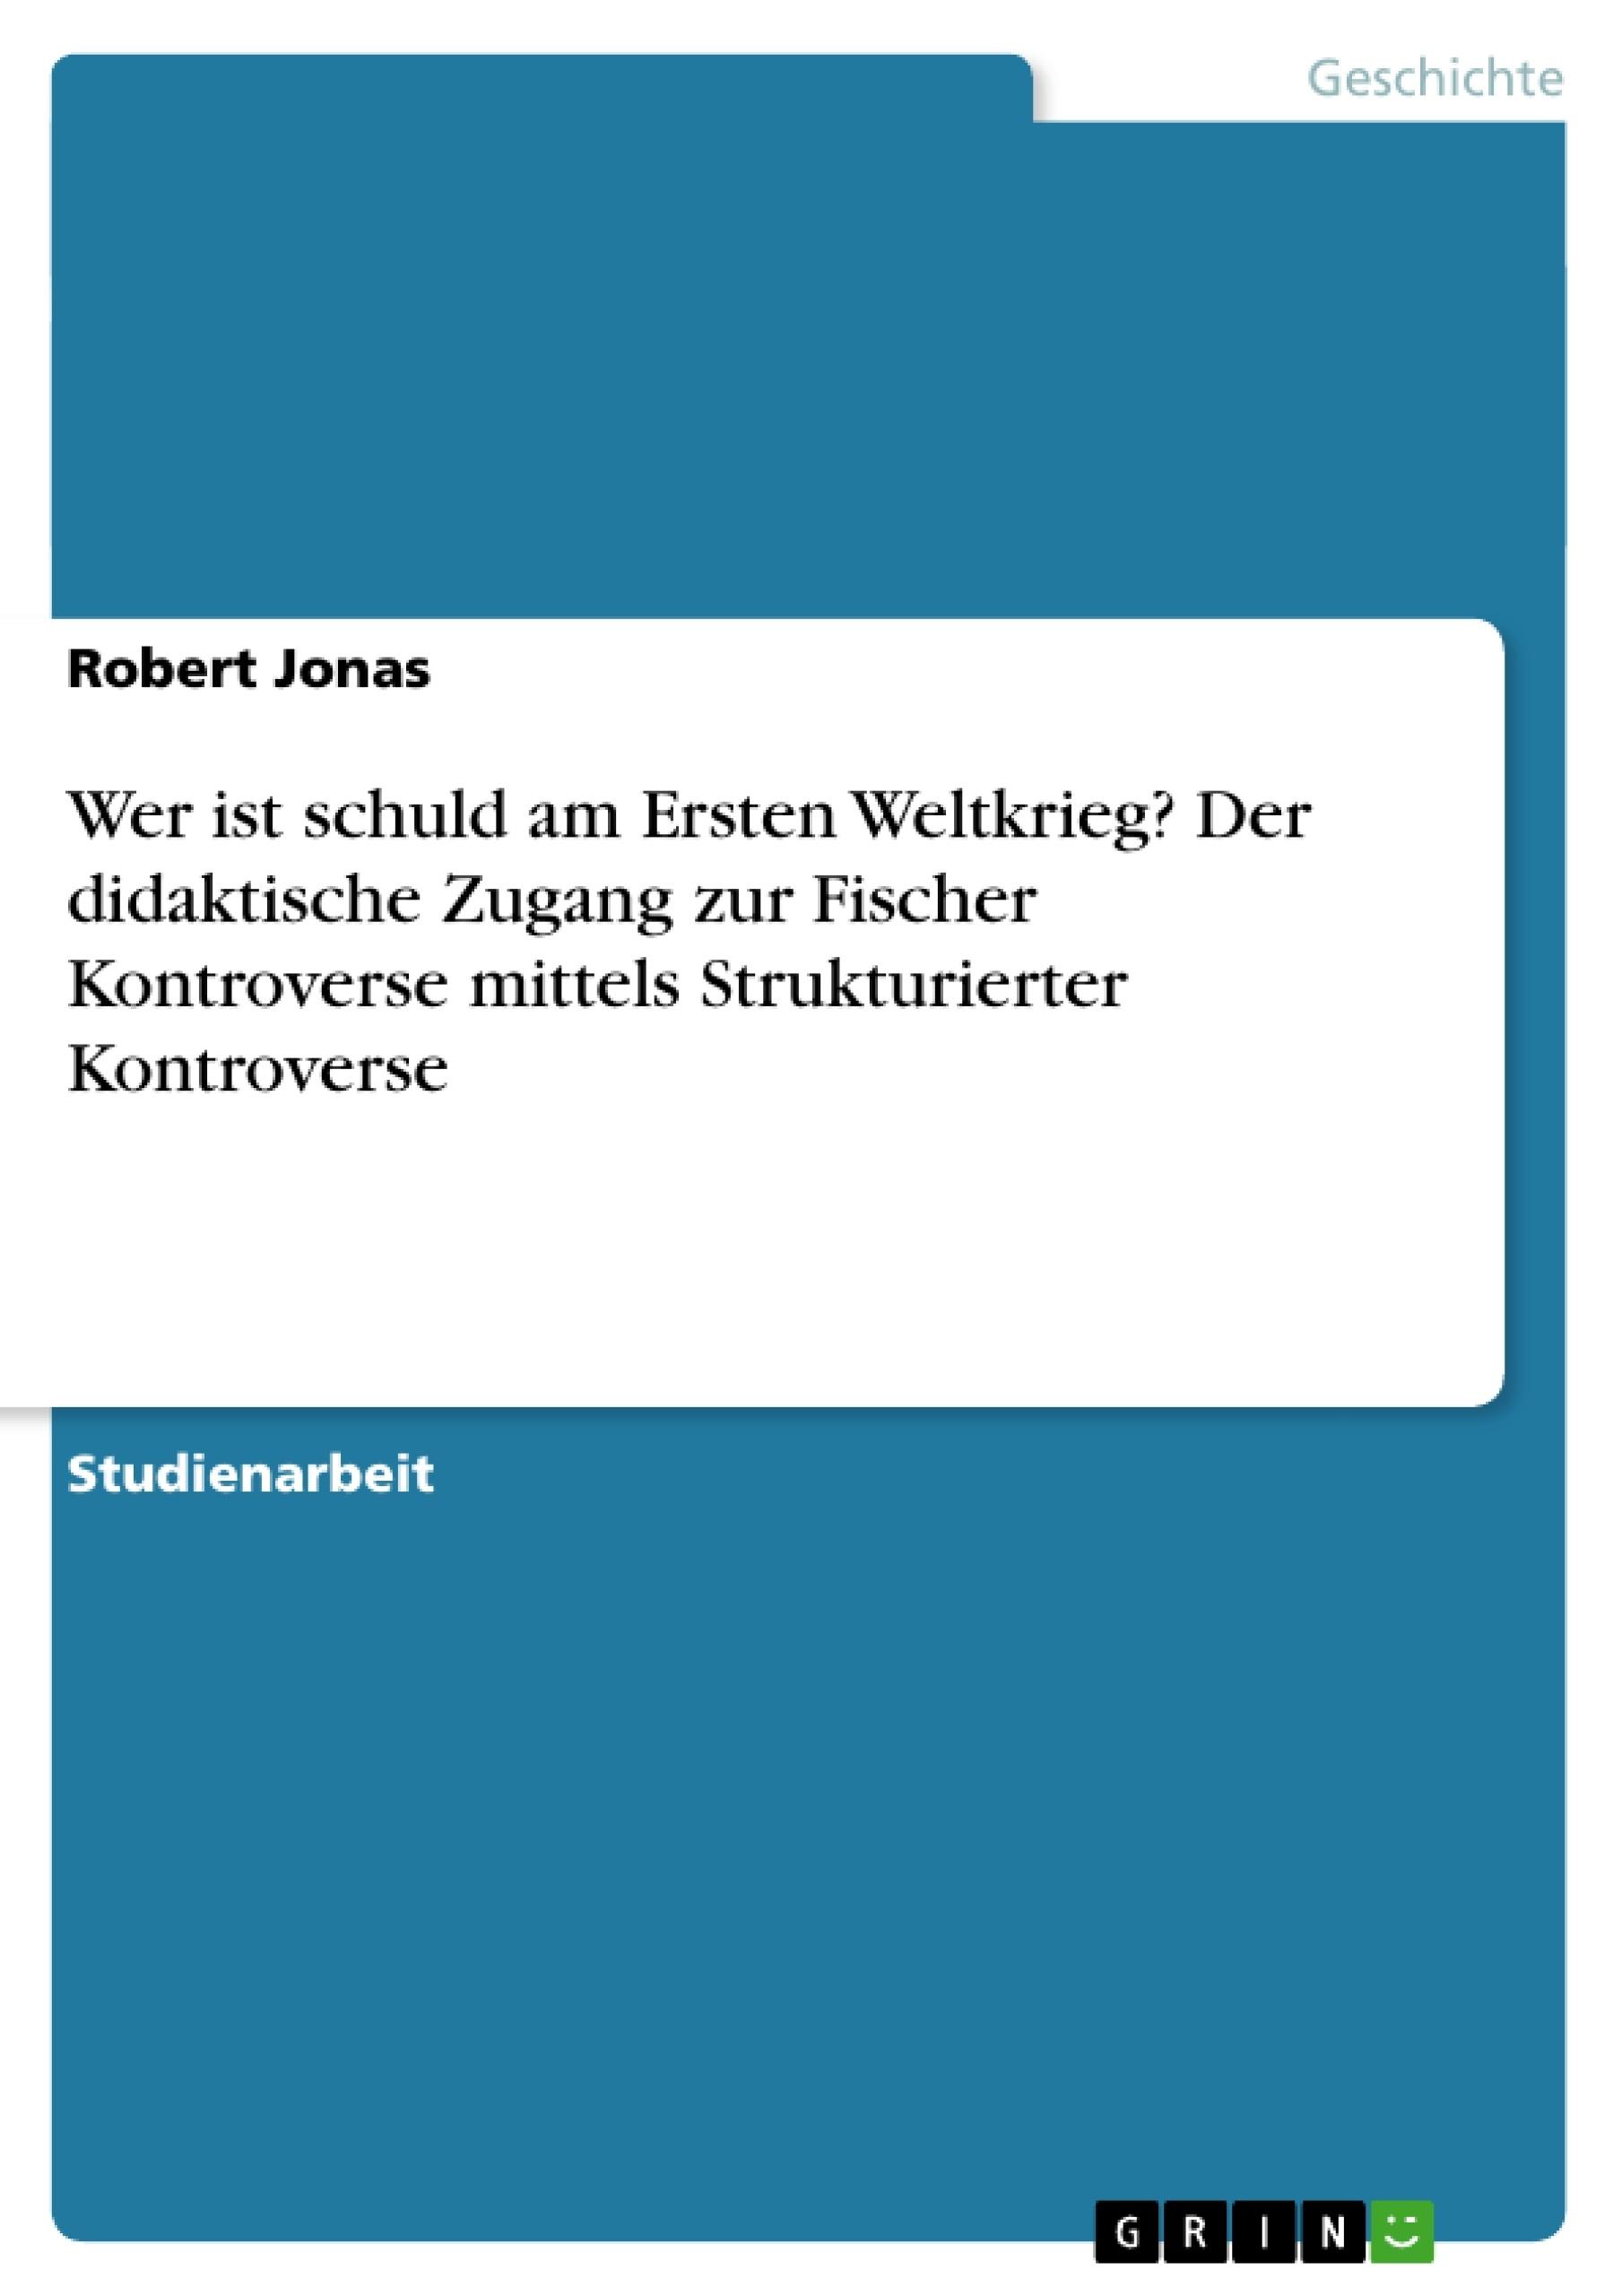 Titel: Wer ist schuld am Ersten Weltkrieg? Der didaktische Zugang zur Fischer Kontroverse mittels Strukturierter Kontroverse